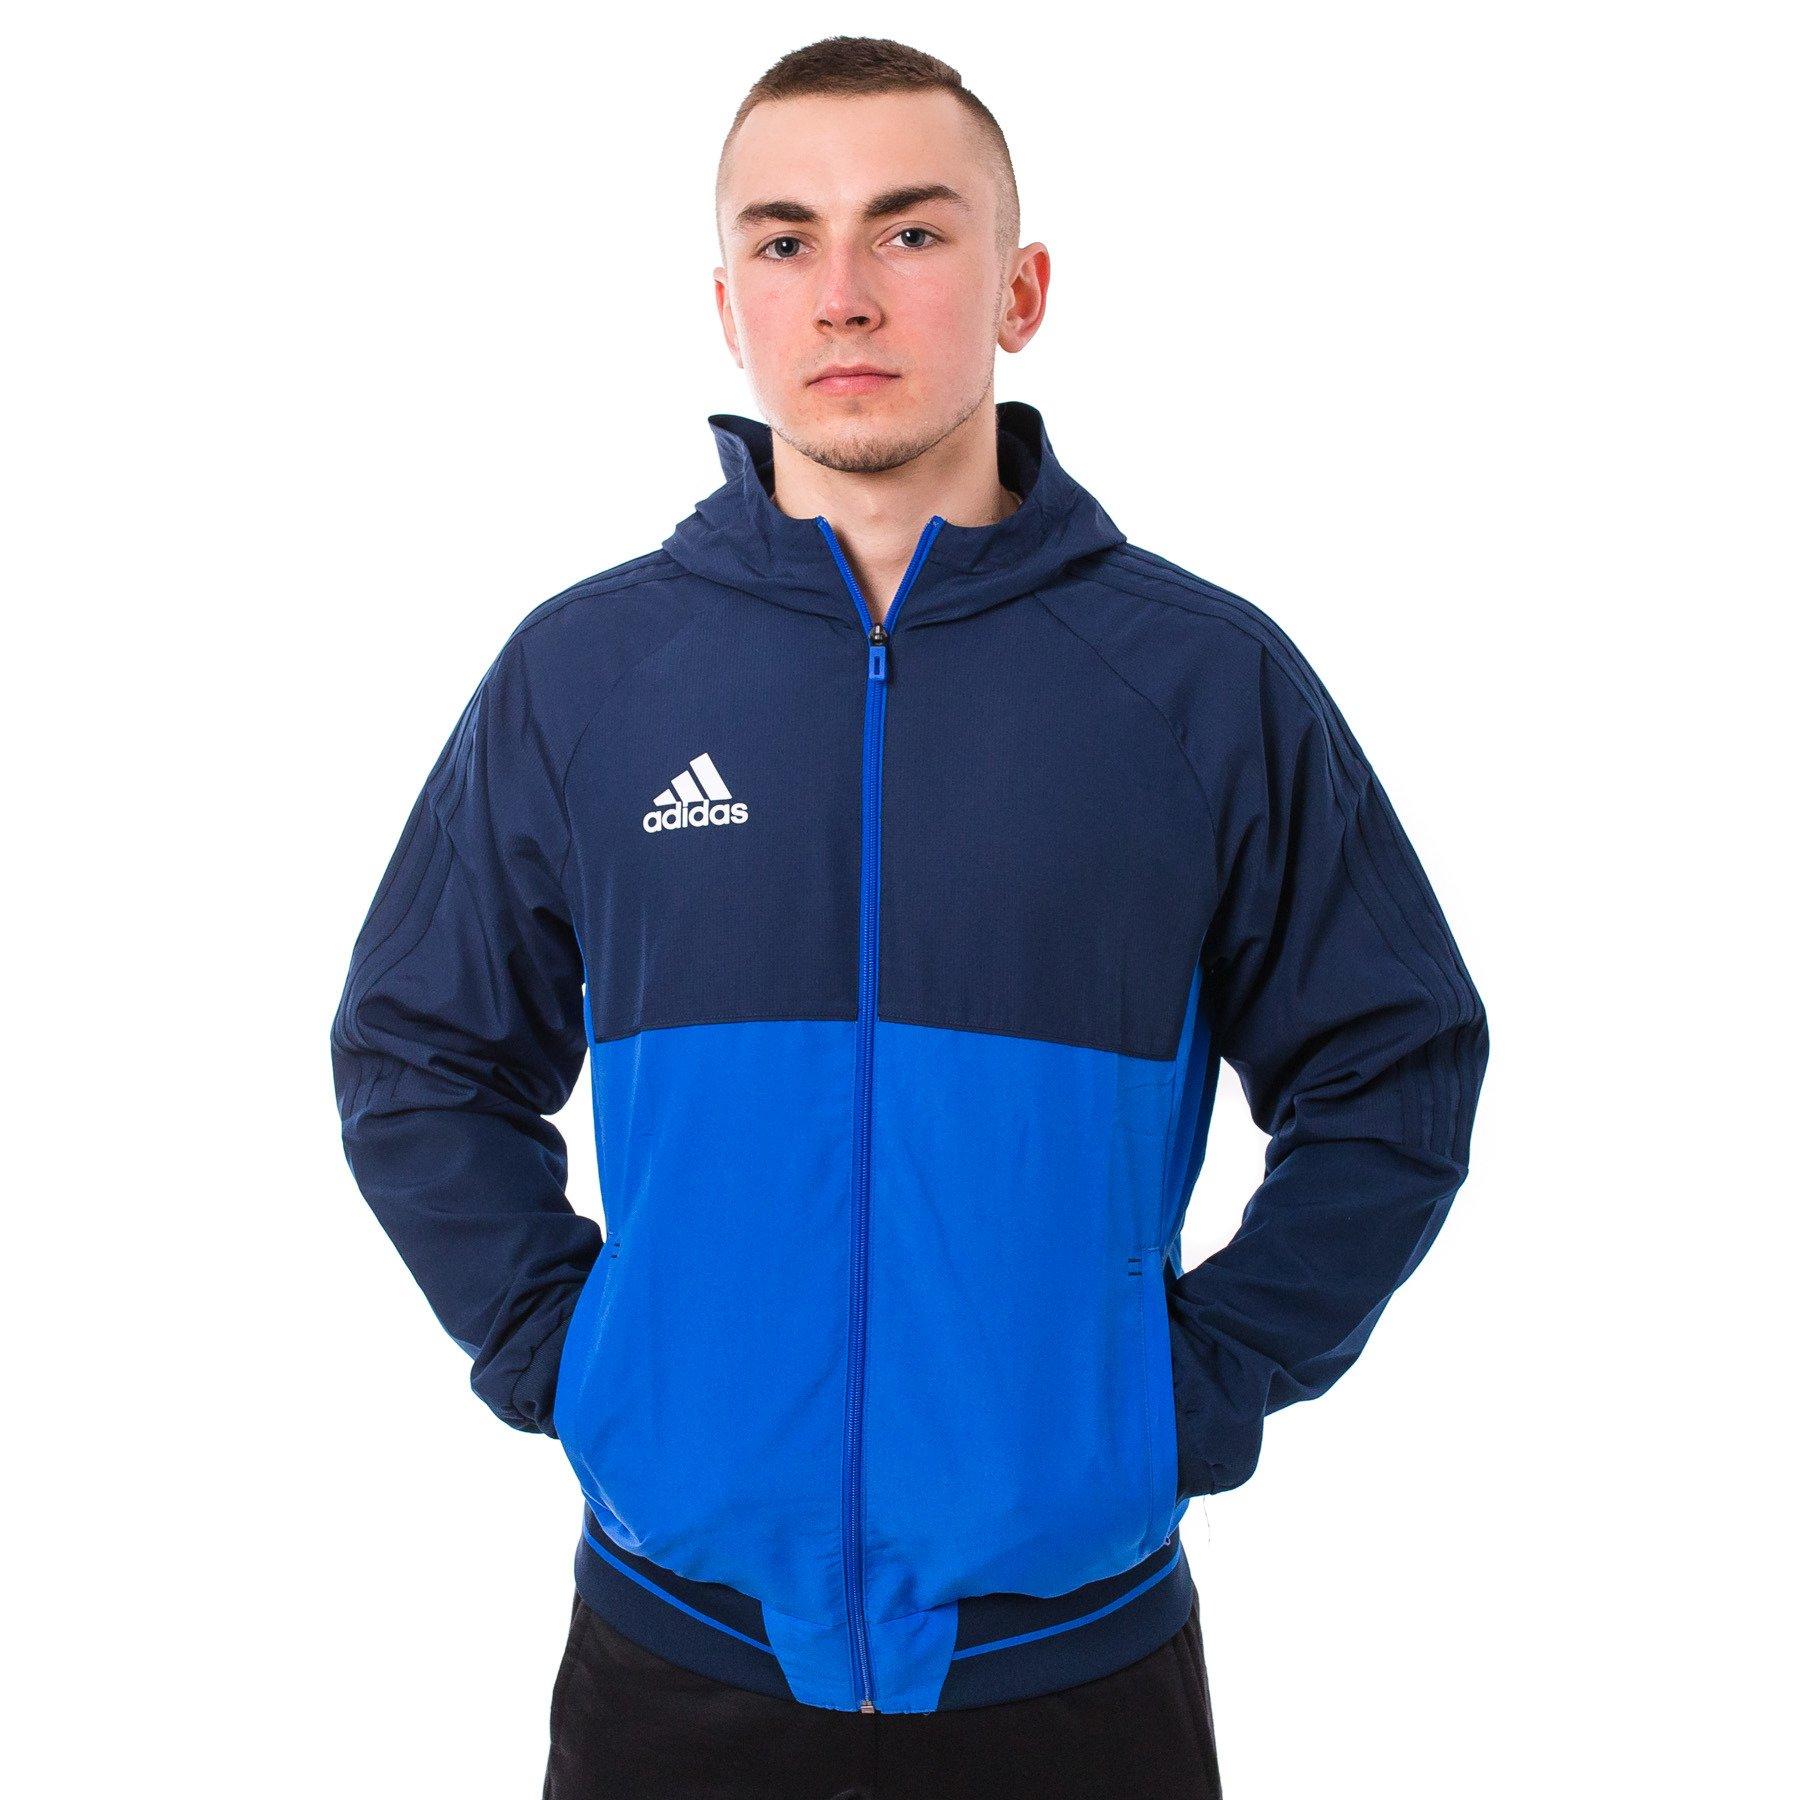 KurtkaWiatrówka Adidas